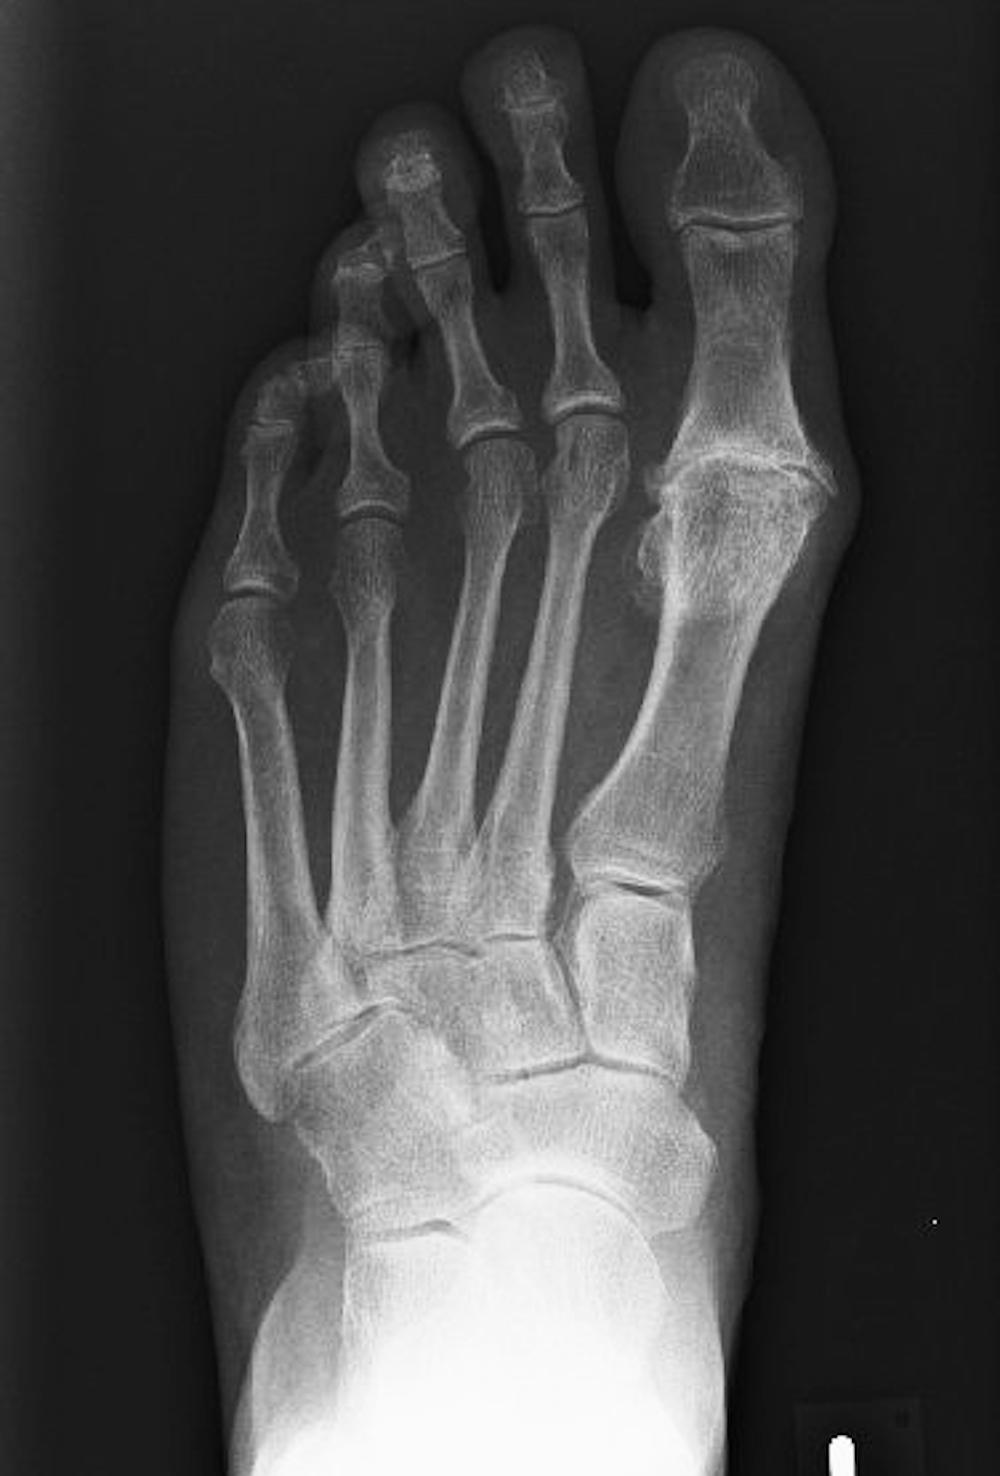 fortgeschrittener Verschleiß des Großzehengrundgelenkes im Röntgenbild. Ein Gelenkspalt ist im Röntgenbild nicht mehr erkennbar.